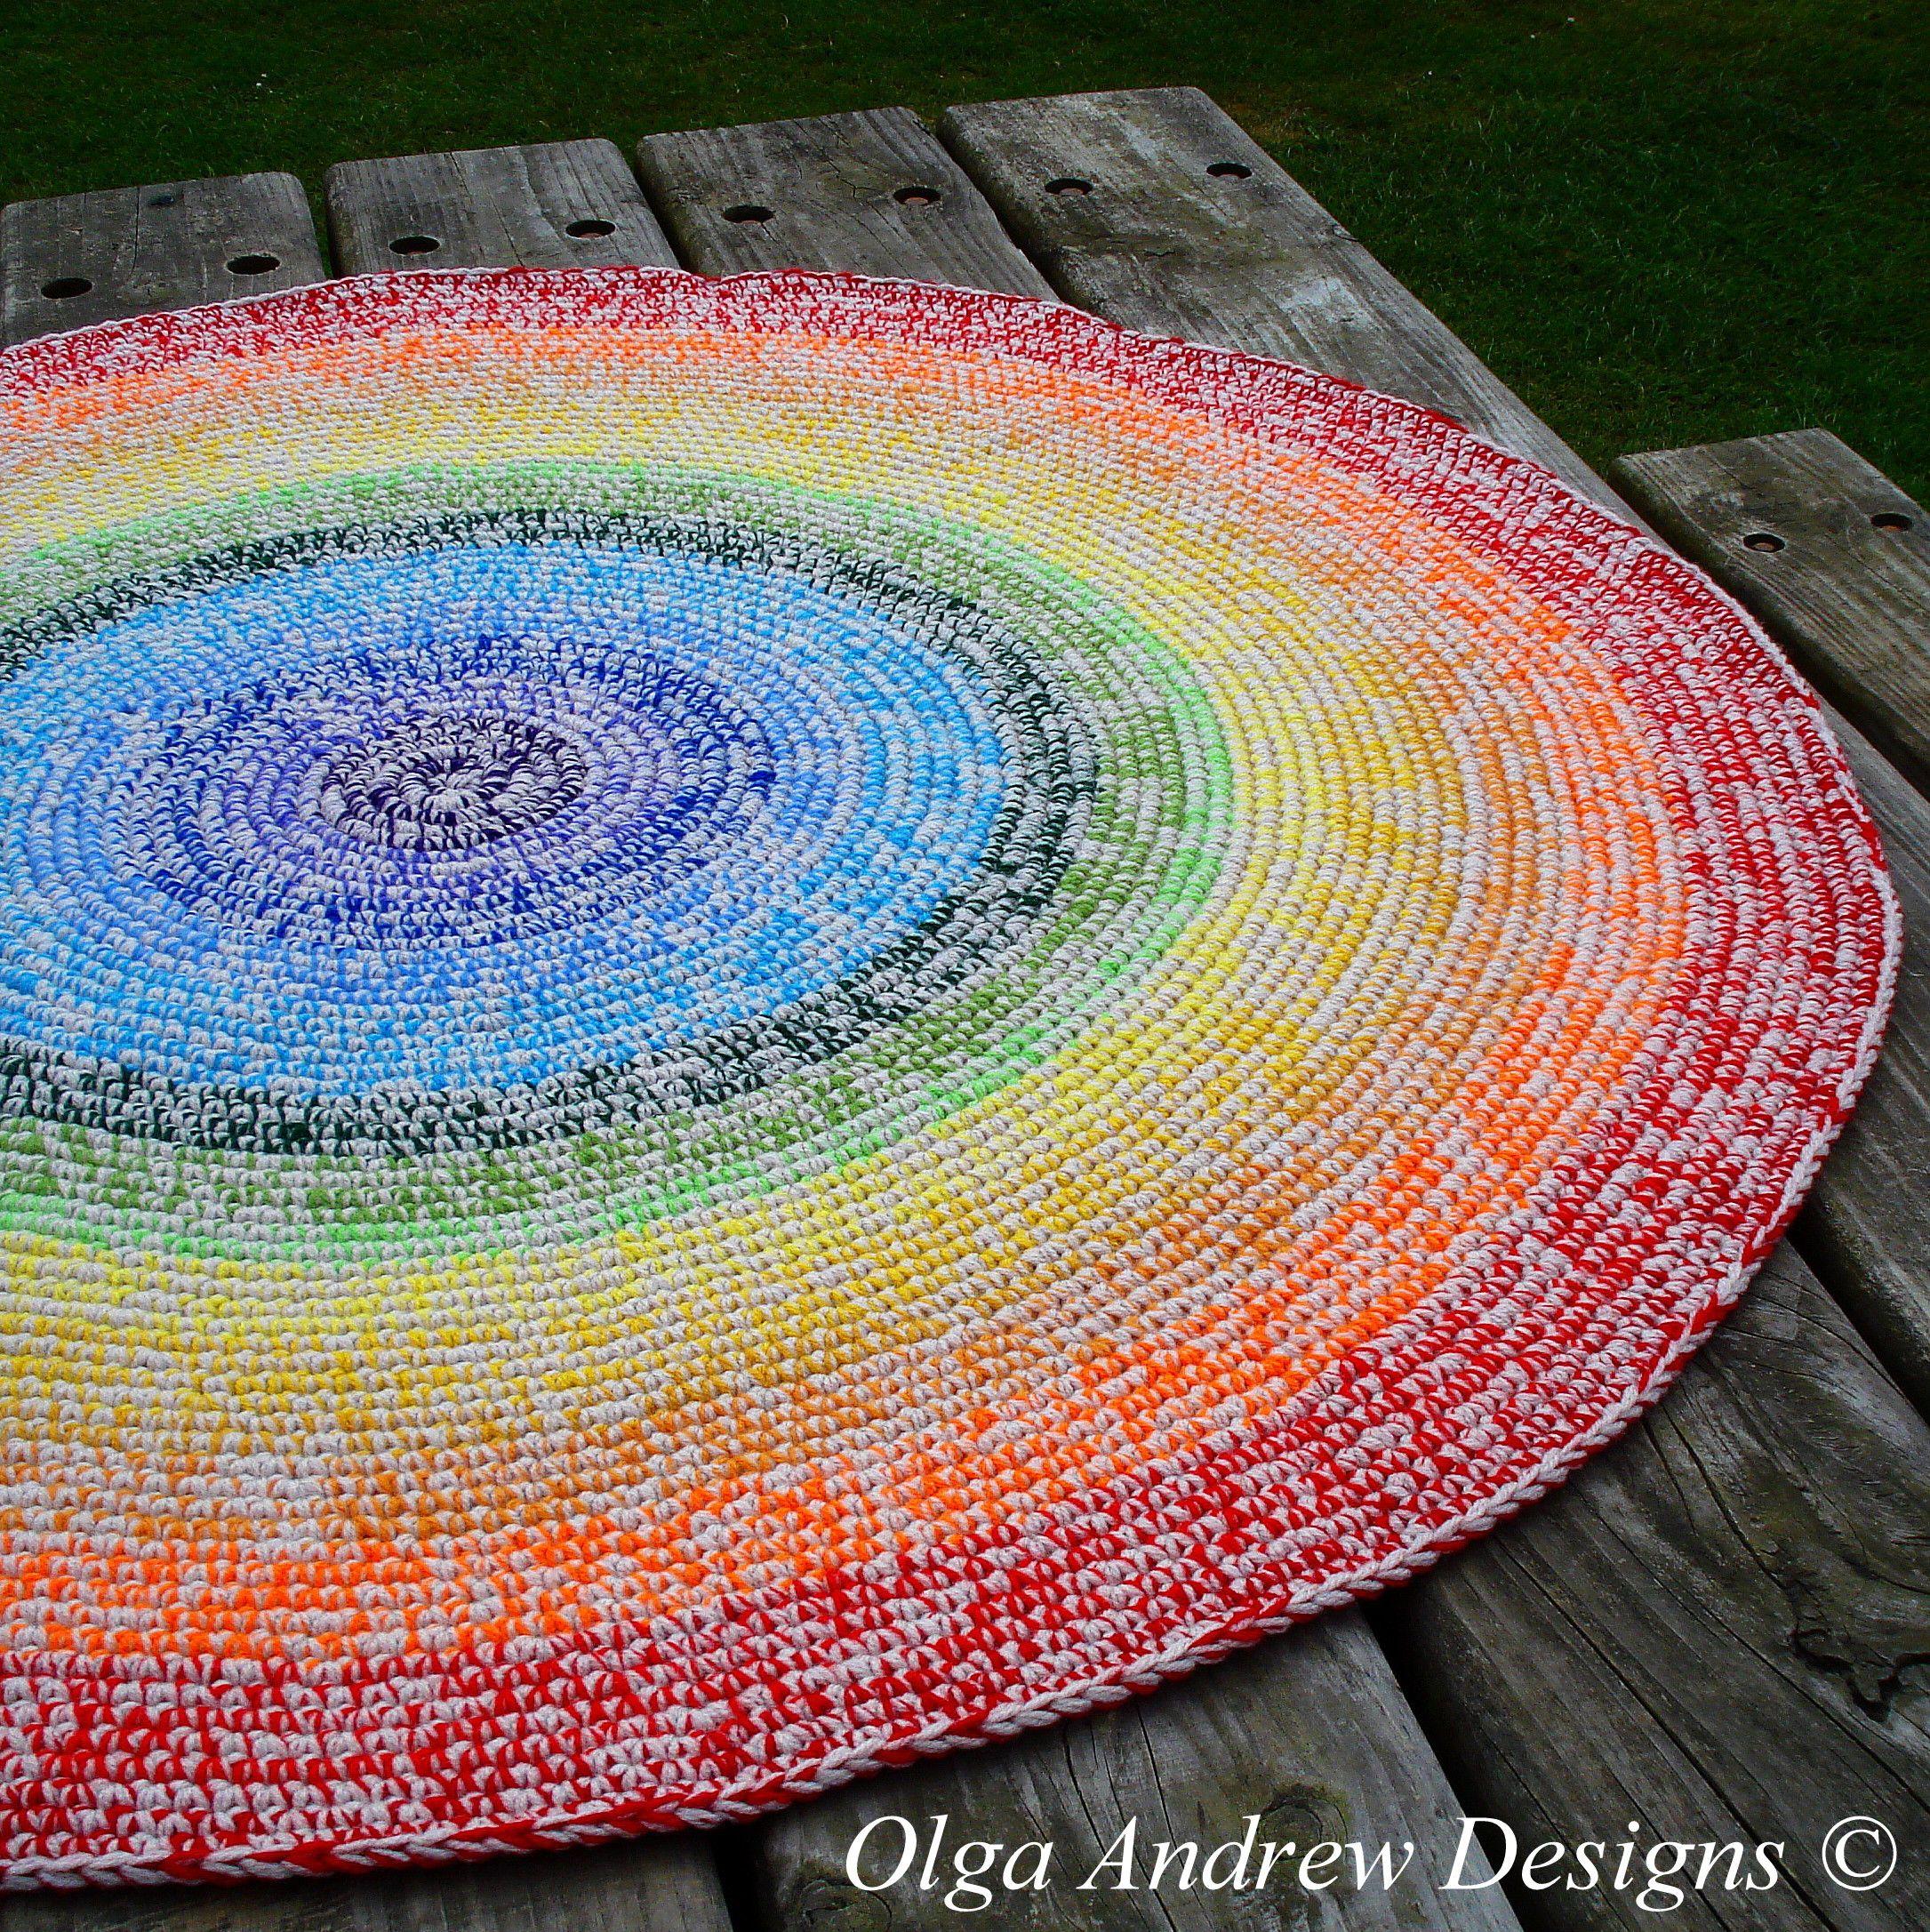 Rainbow Crochet Rug Rainbow Rug Crochet Rainbow Crochet Round Rug Crochet Area Rug Crochet Floor Rug Nursery Rug Childrens Rug Rugs With Images Rainbow Rug Crochet Rug Rainbow Crochet